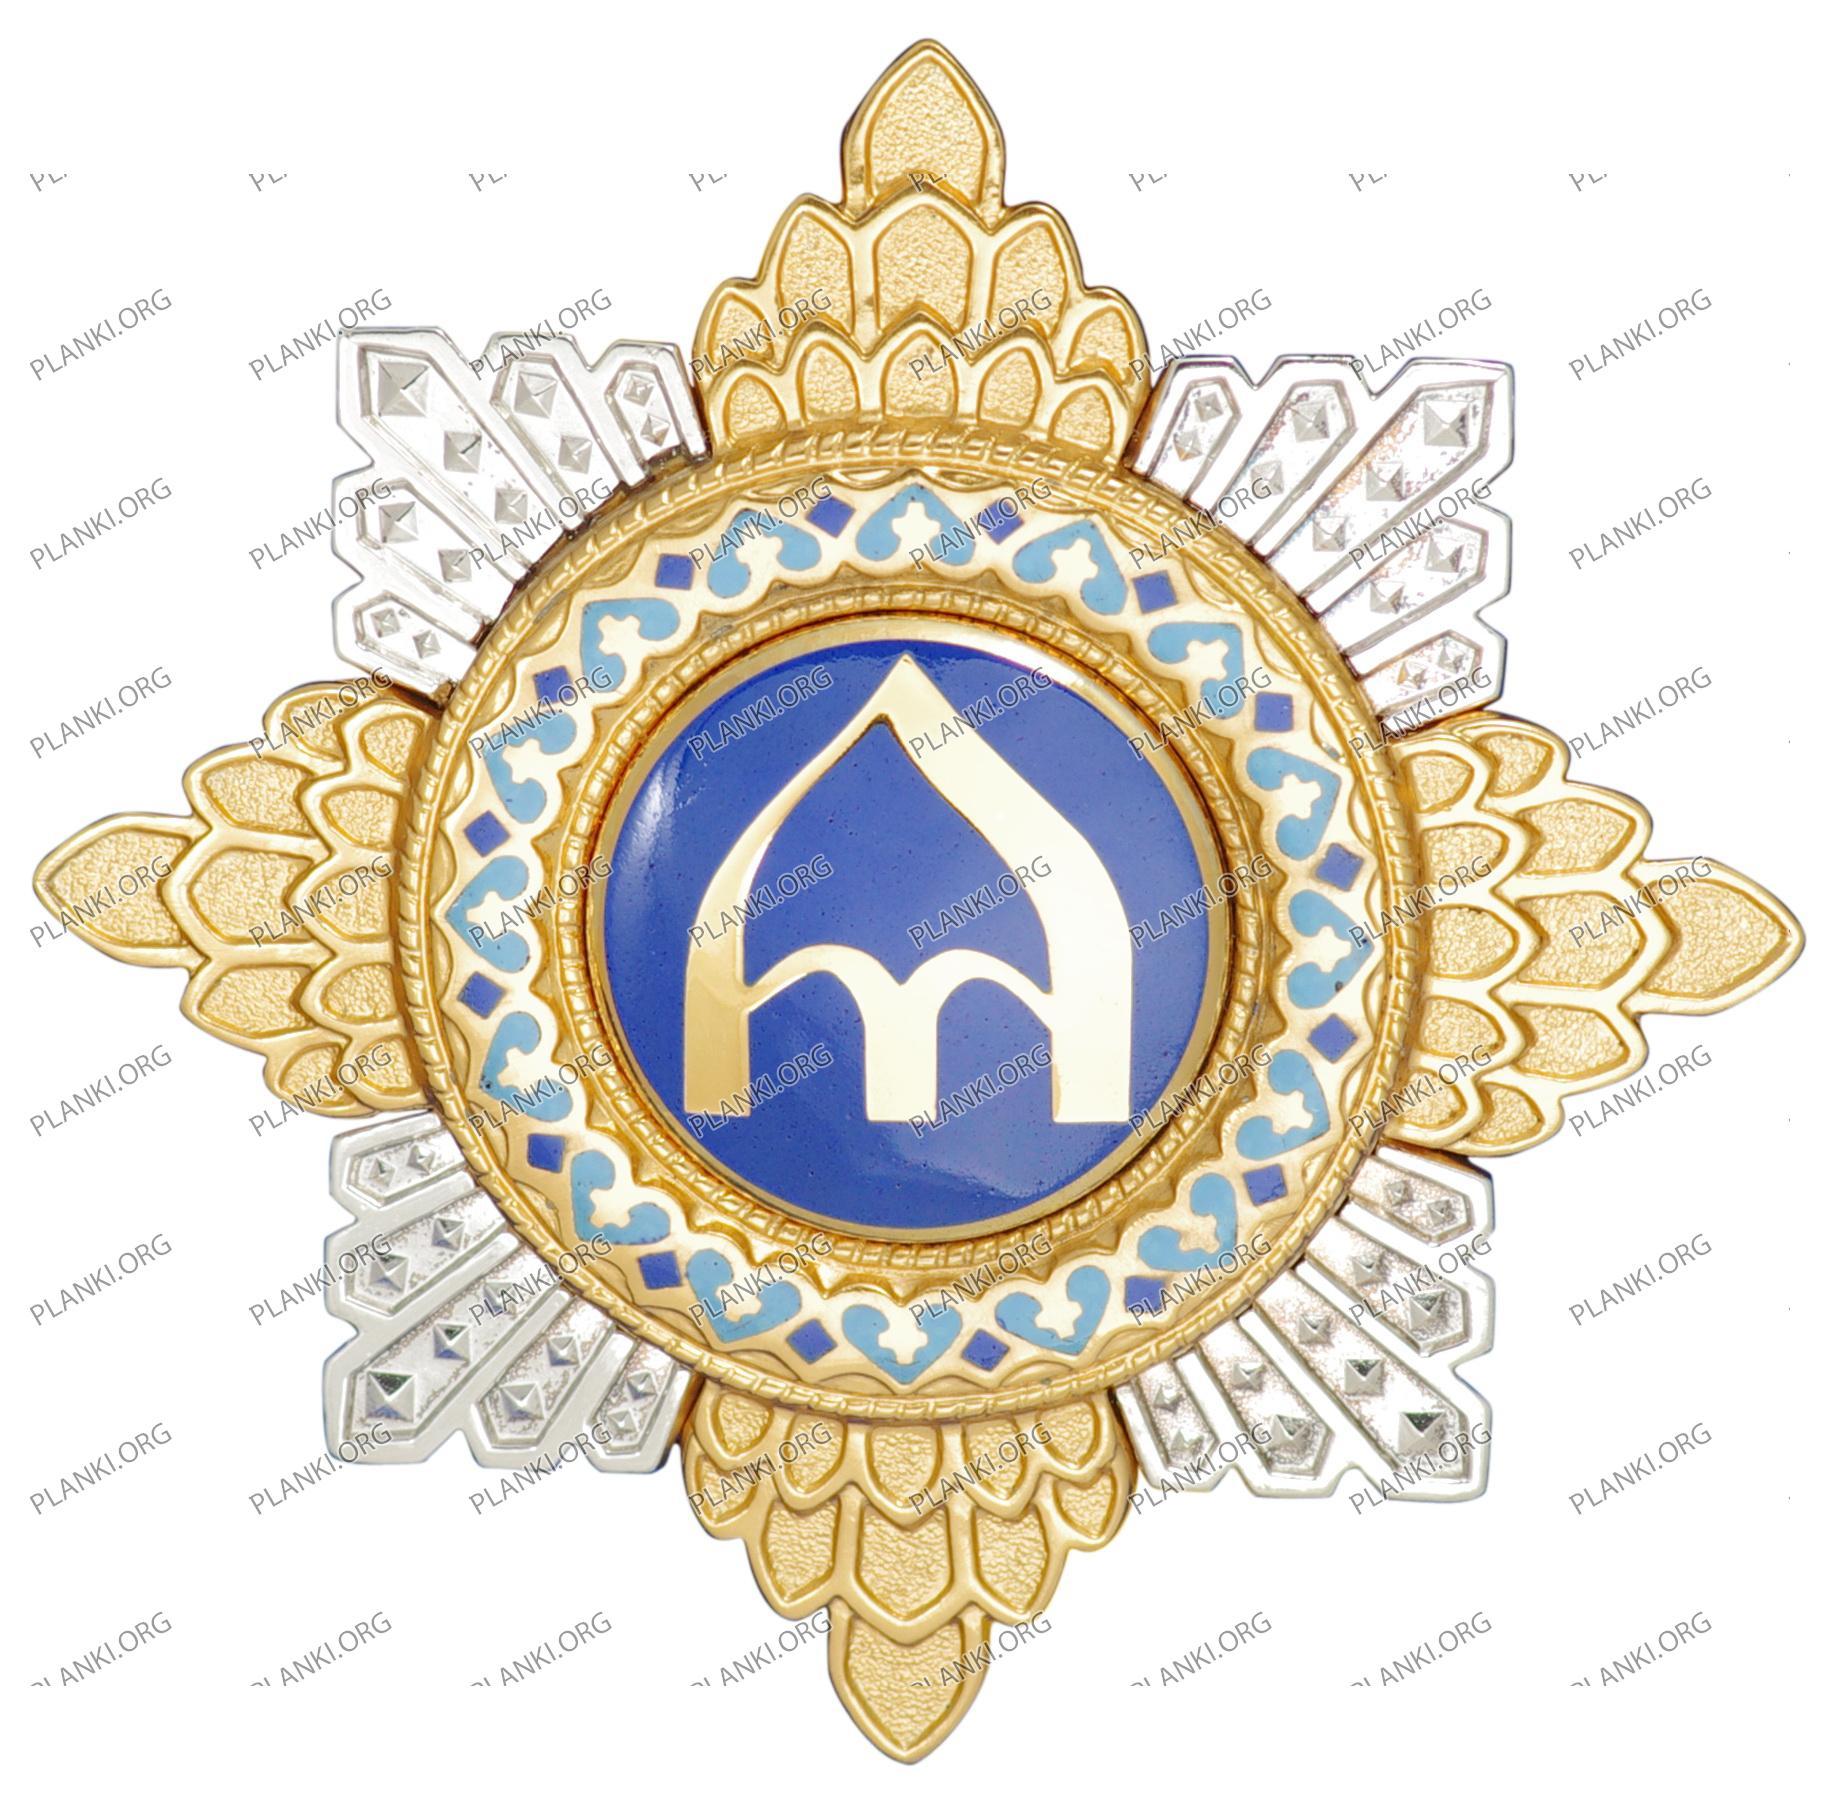 Орден князя Ярослава Мудрого І ступеня